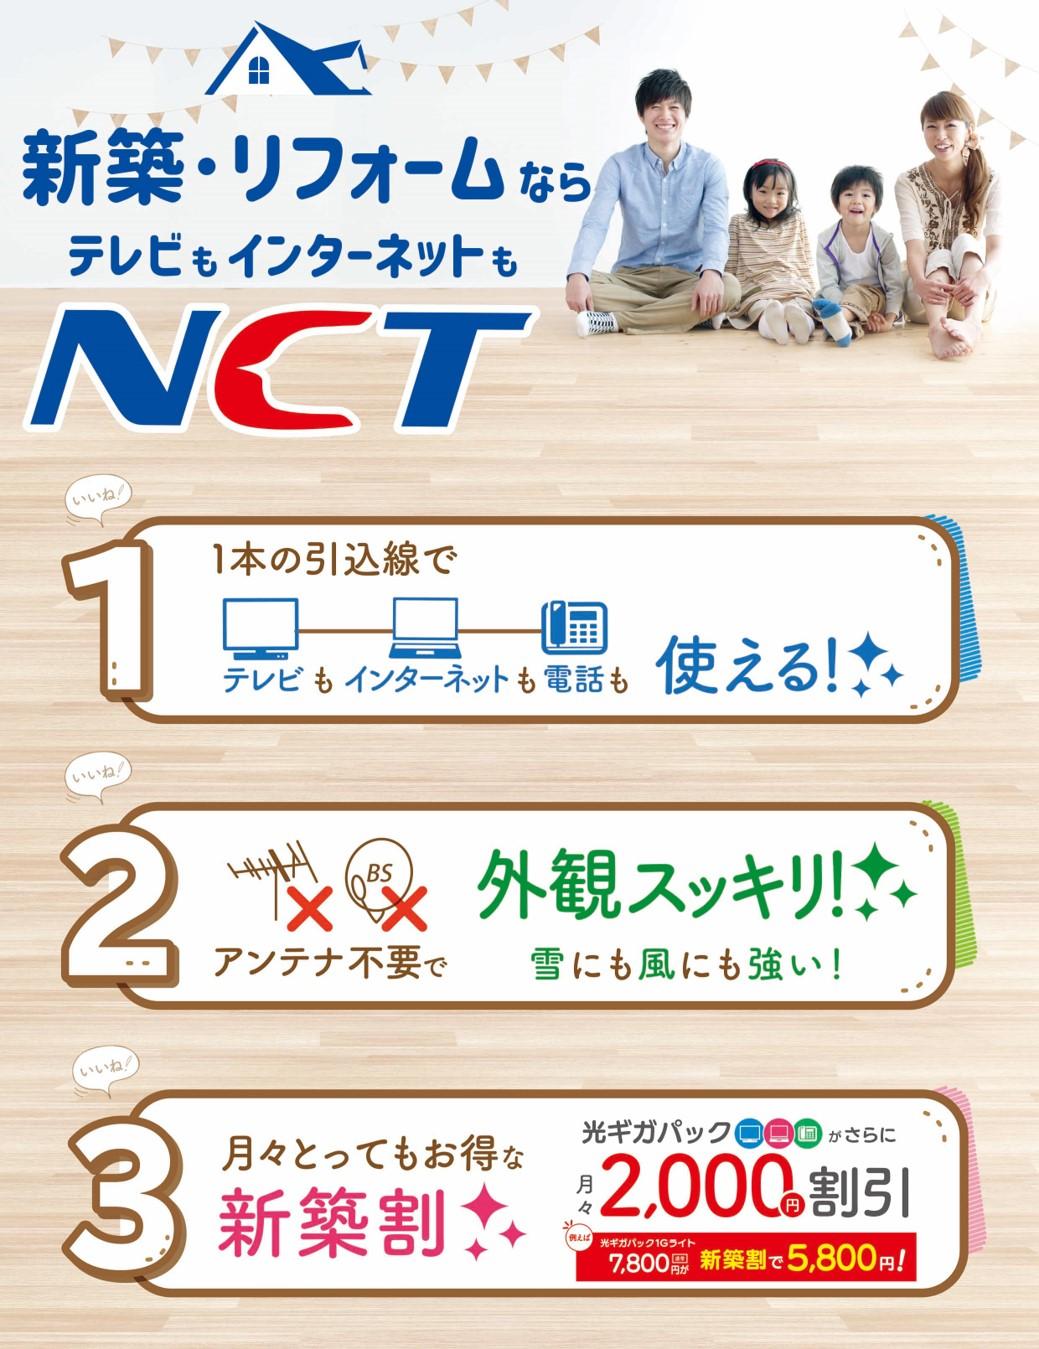 NCT様1